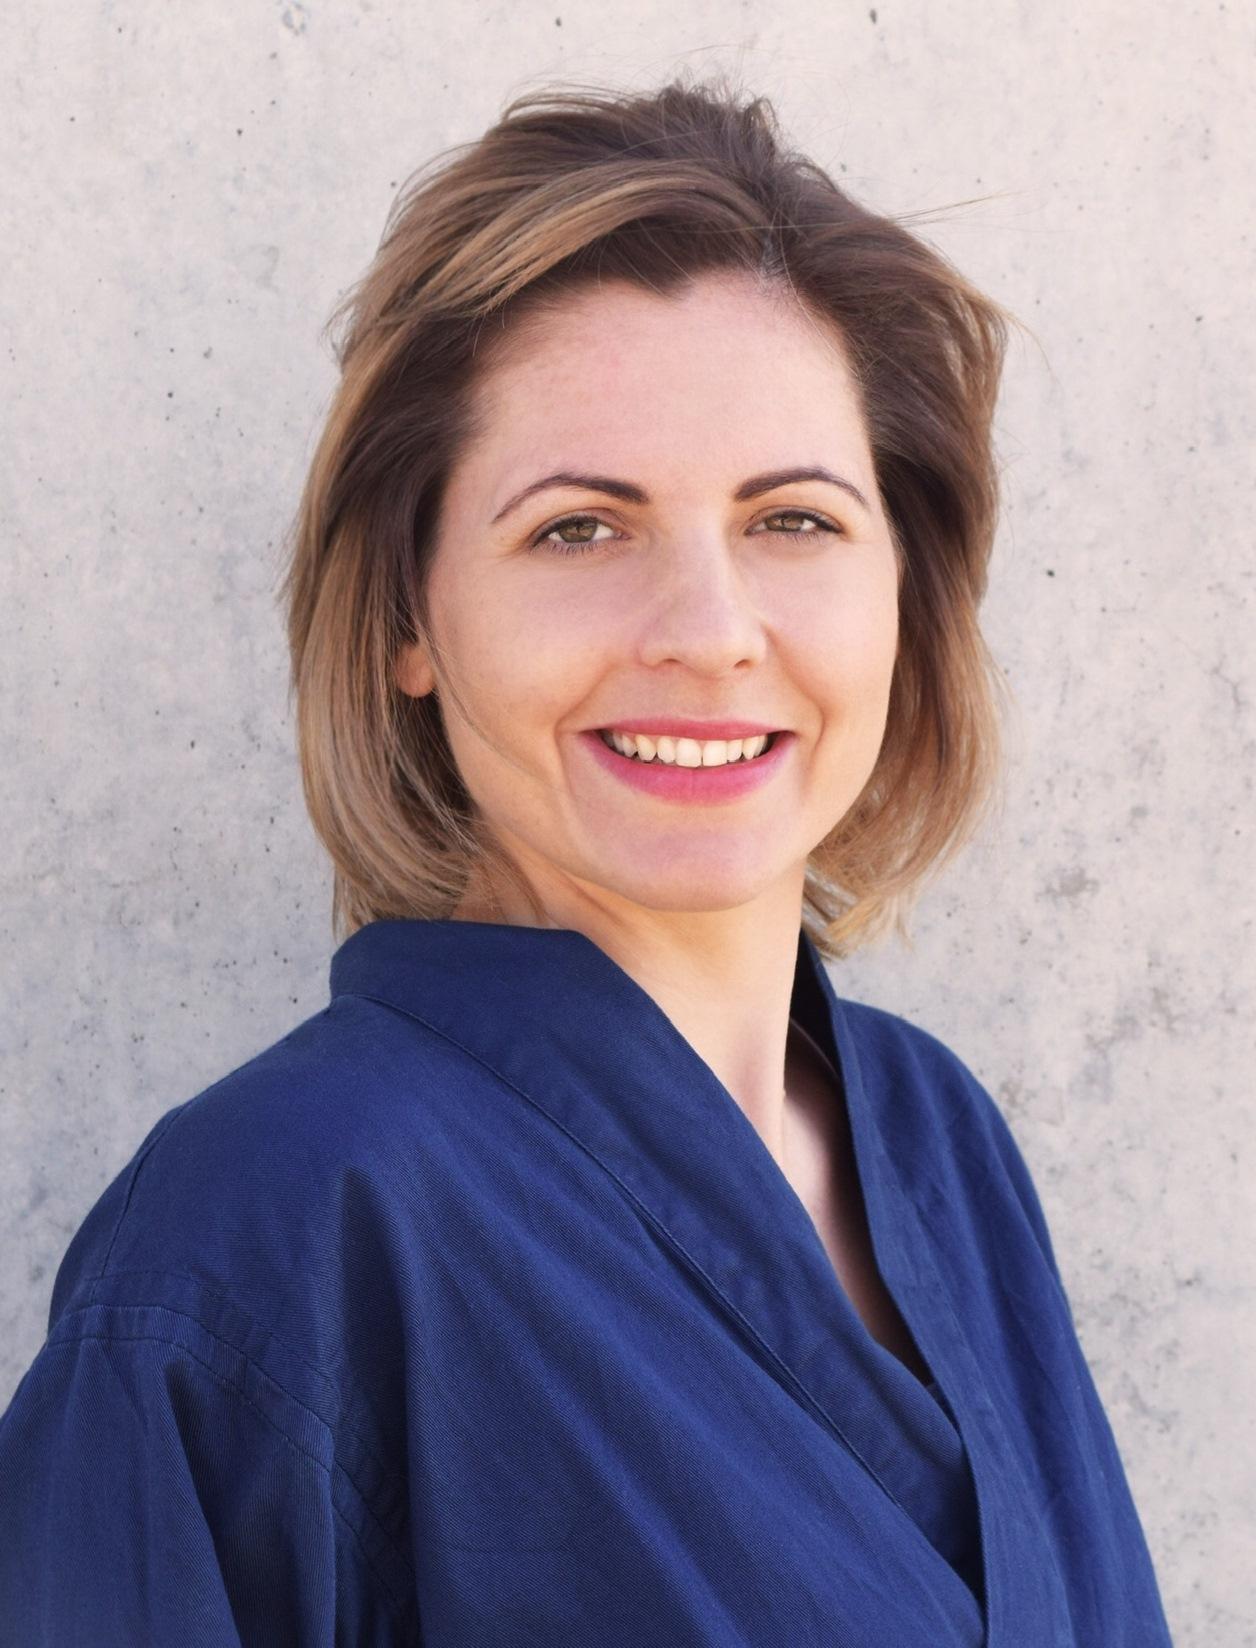 Karin Bachleitner